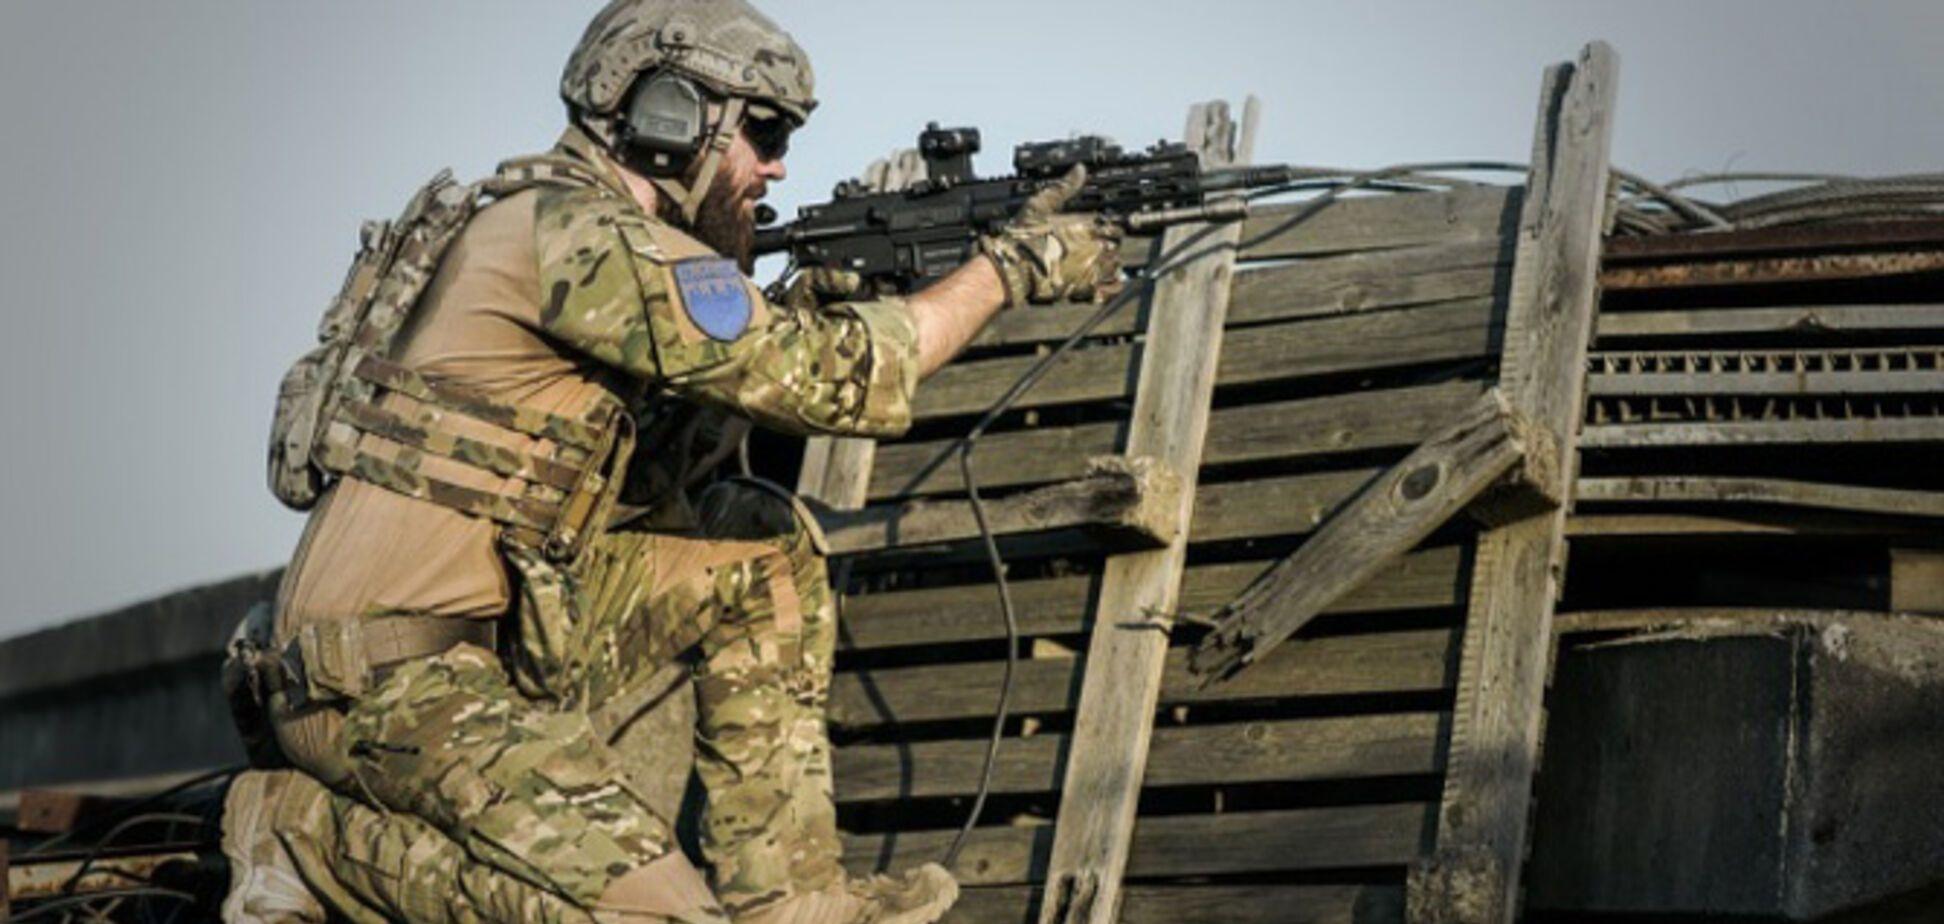 Иначе гражданская война: экс-наемник предупредил Украину об опасности ЧВК